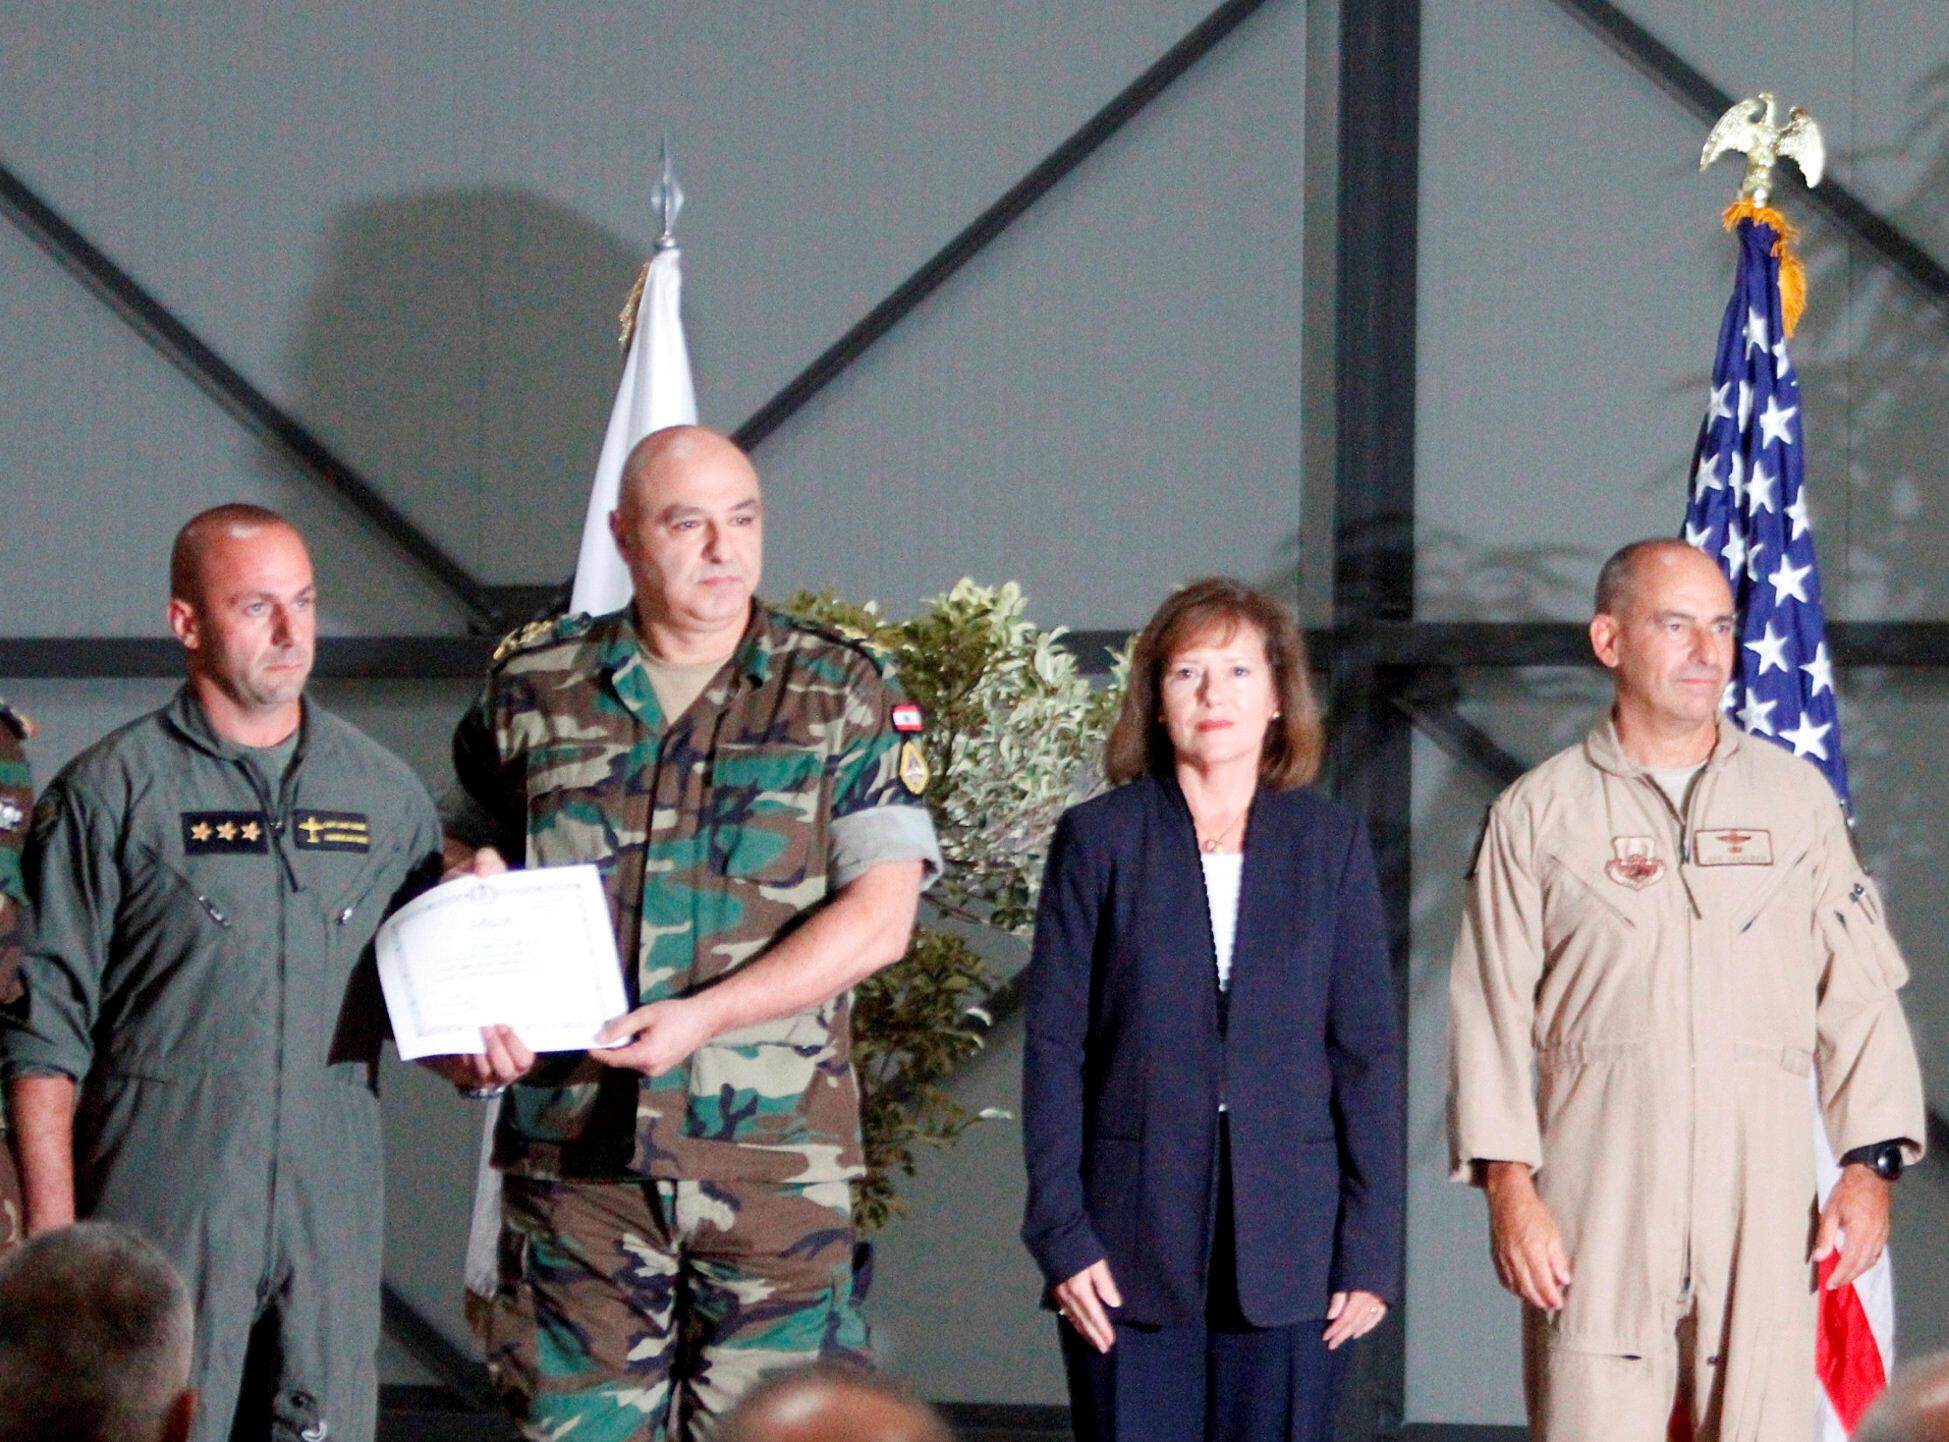 السفيرة الأمريكية في لبنان إليزابيث ريتشارد بجانب قائد الجيش اللبناني الجنرال جوزيف عون في قاعدة حامات الجوية في جبال لبنان في 31 أكتوبر/ تشرين الثاني 2017.